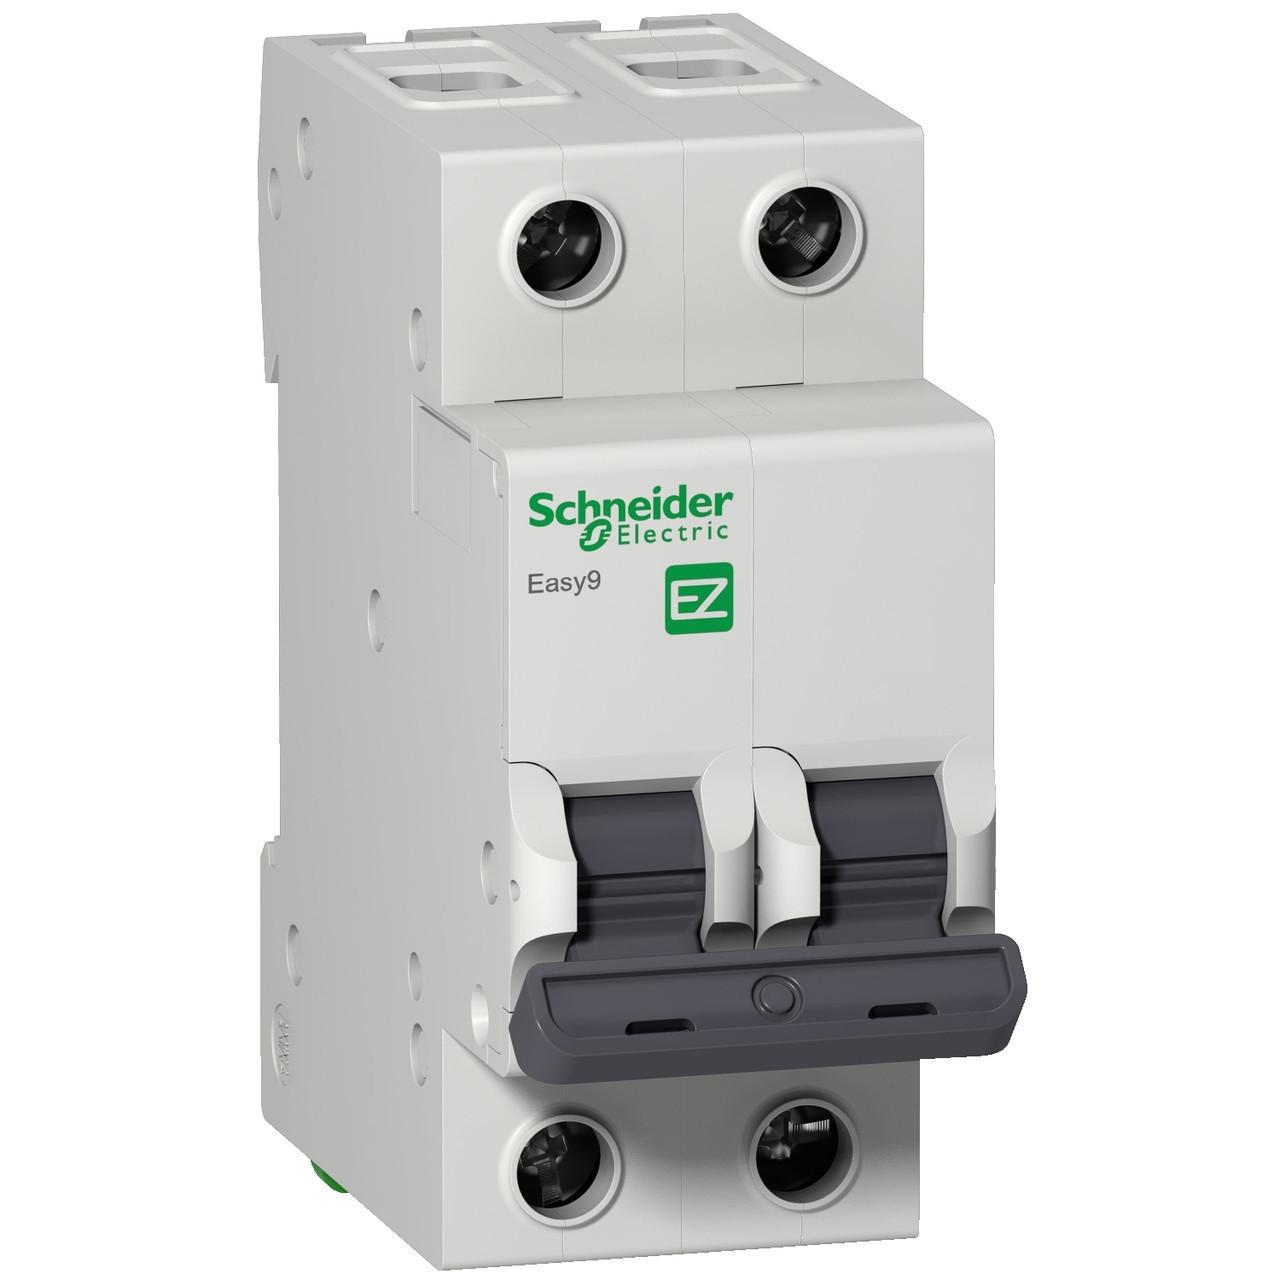 Автоматический выключатель EZ9F14250 Easy9 Schneider 2P, 50A, тип «B»